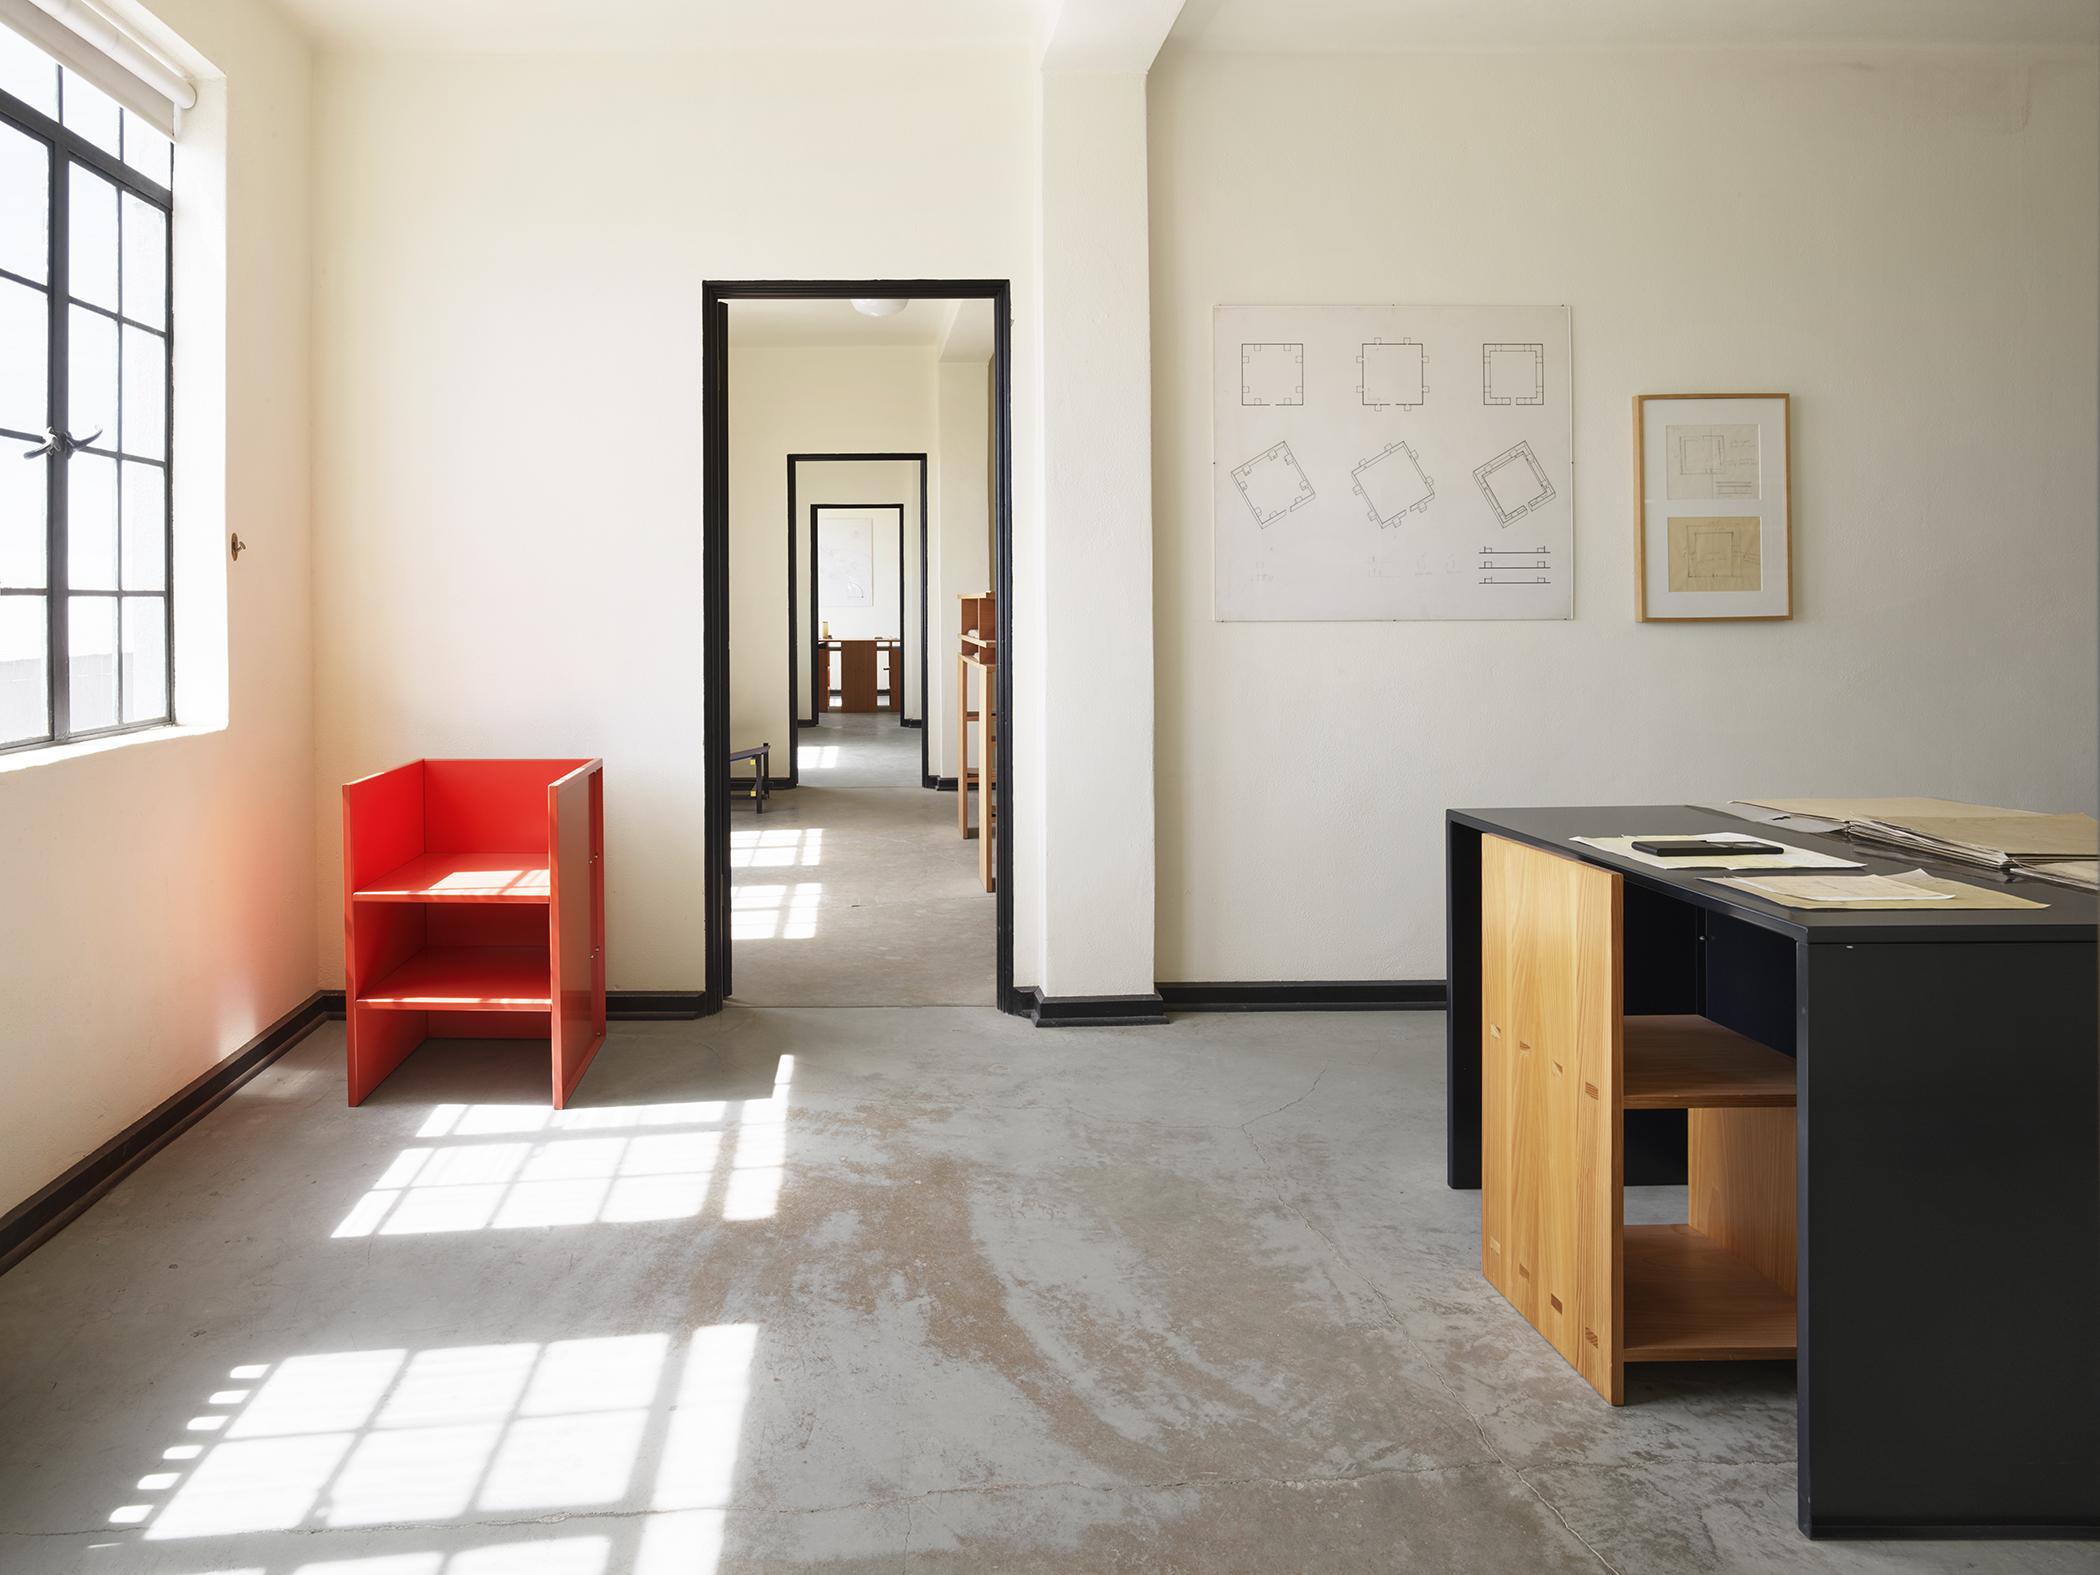 Wooden desks on concrete floor